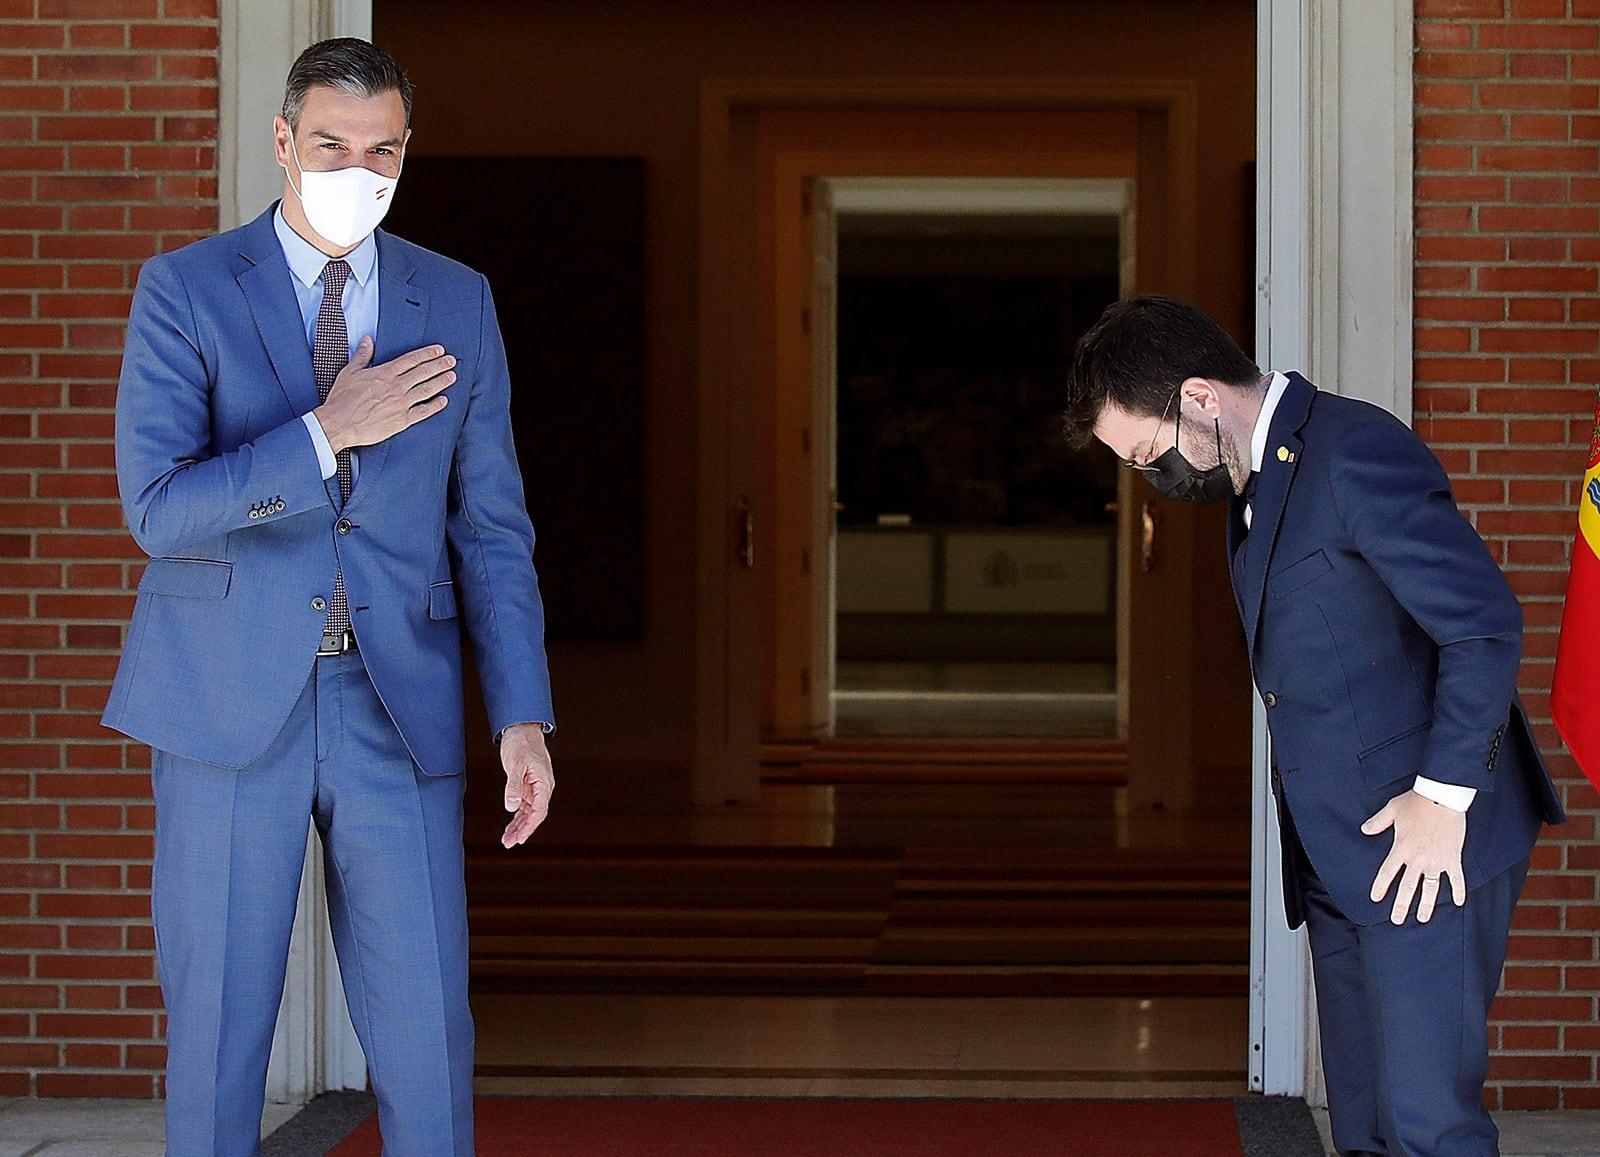 Trobada entre Pedro Sánchez i Pere Aragonès, a la Moncloa, el 29 de juny, després dels indults als polítics presos. Fotografia de Juan Carlos Hidalgo. Efe.